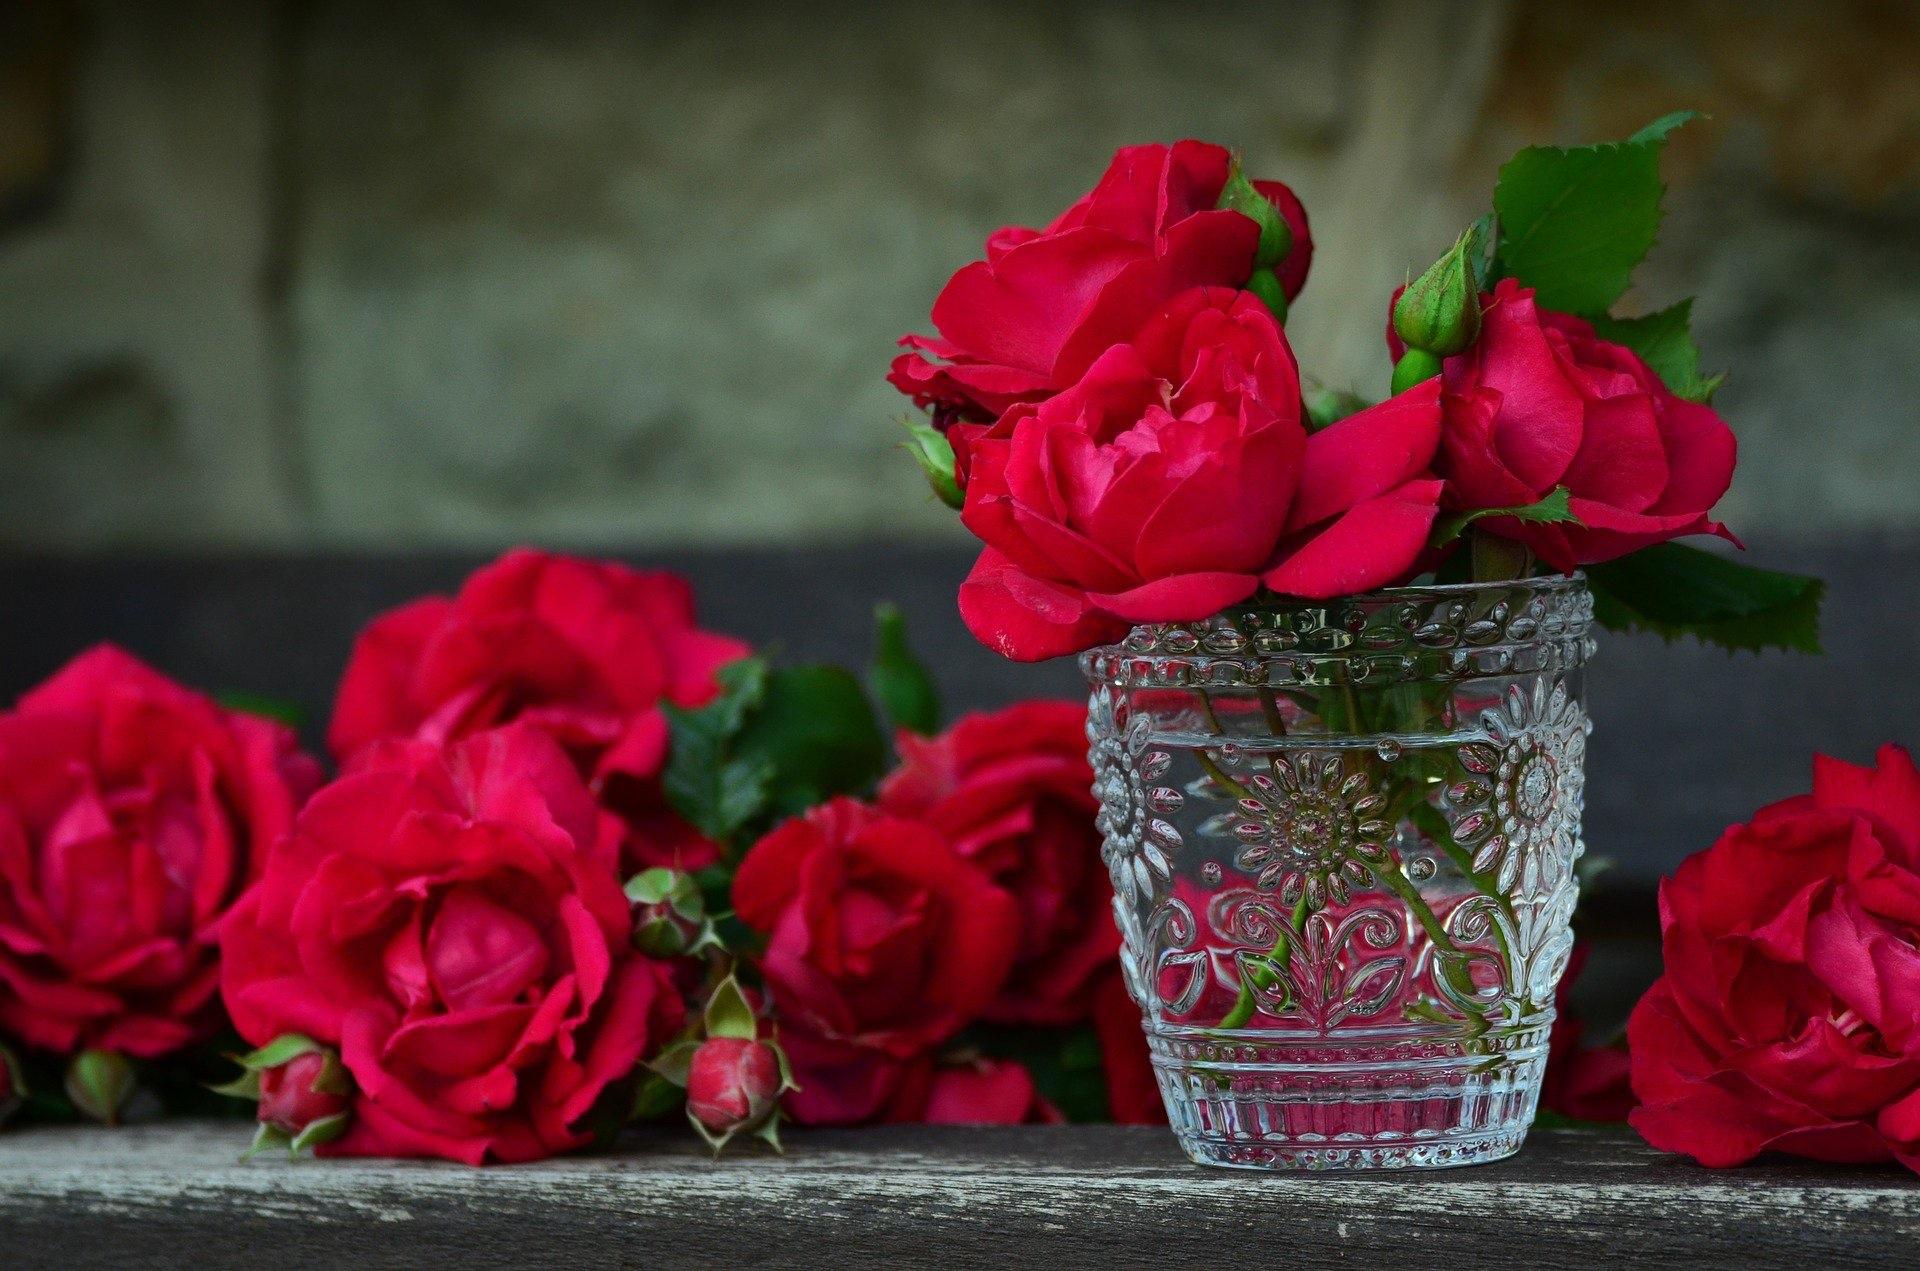 Rosen auf einem Holzbrett und in einem Glas